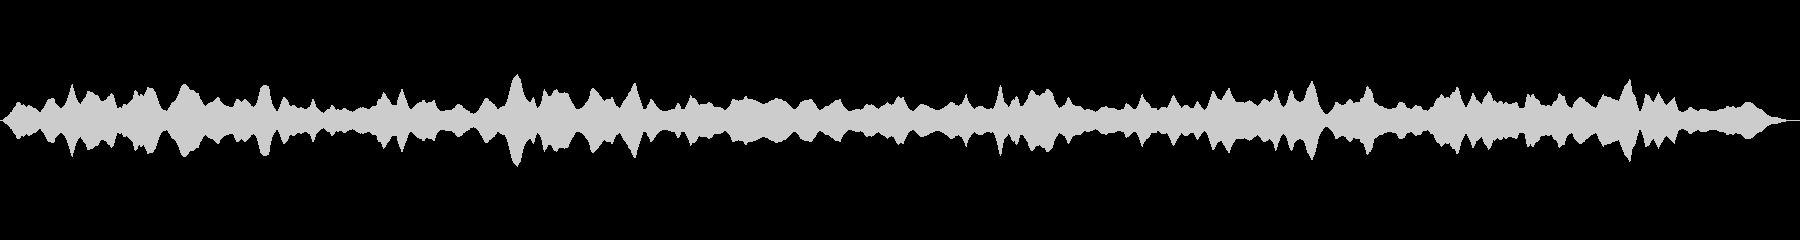 宇宙空間をイメージした5分間の効果音の未再生の波形